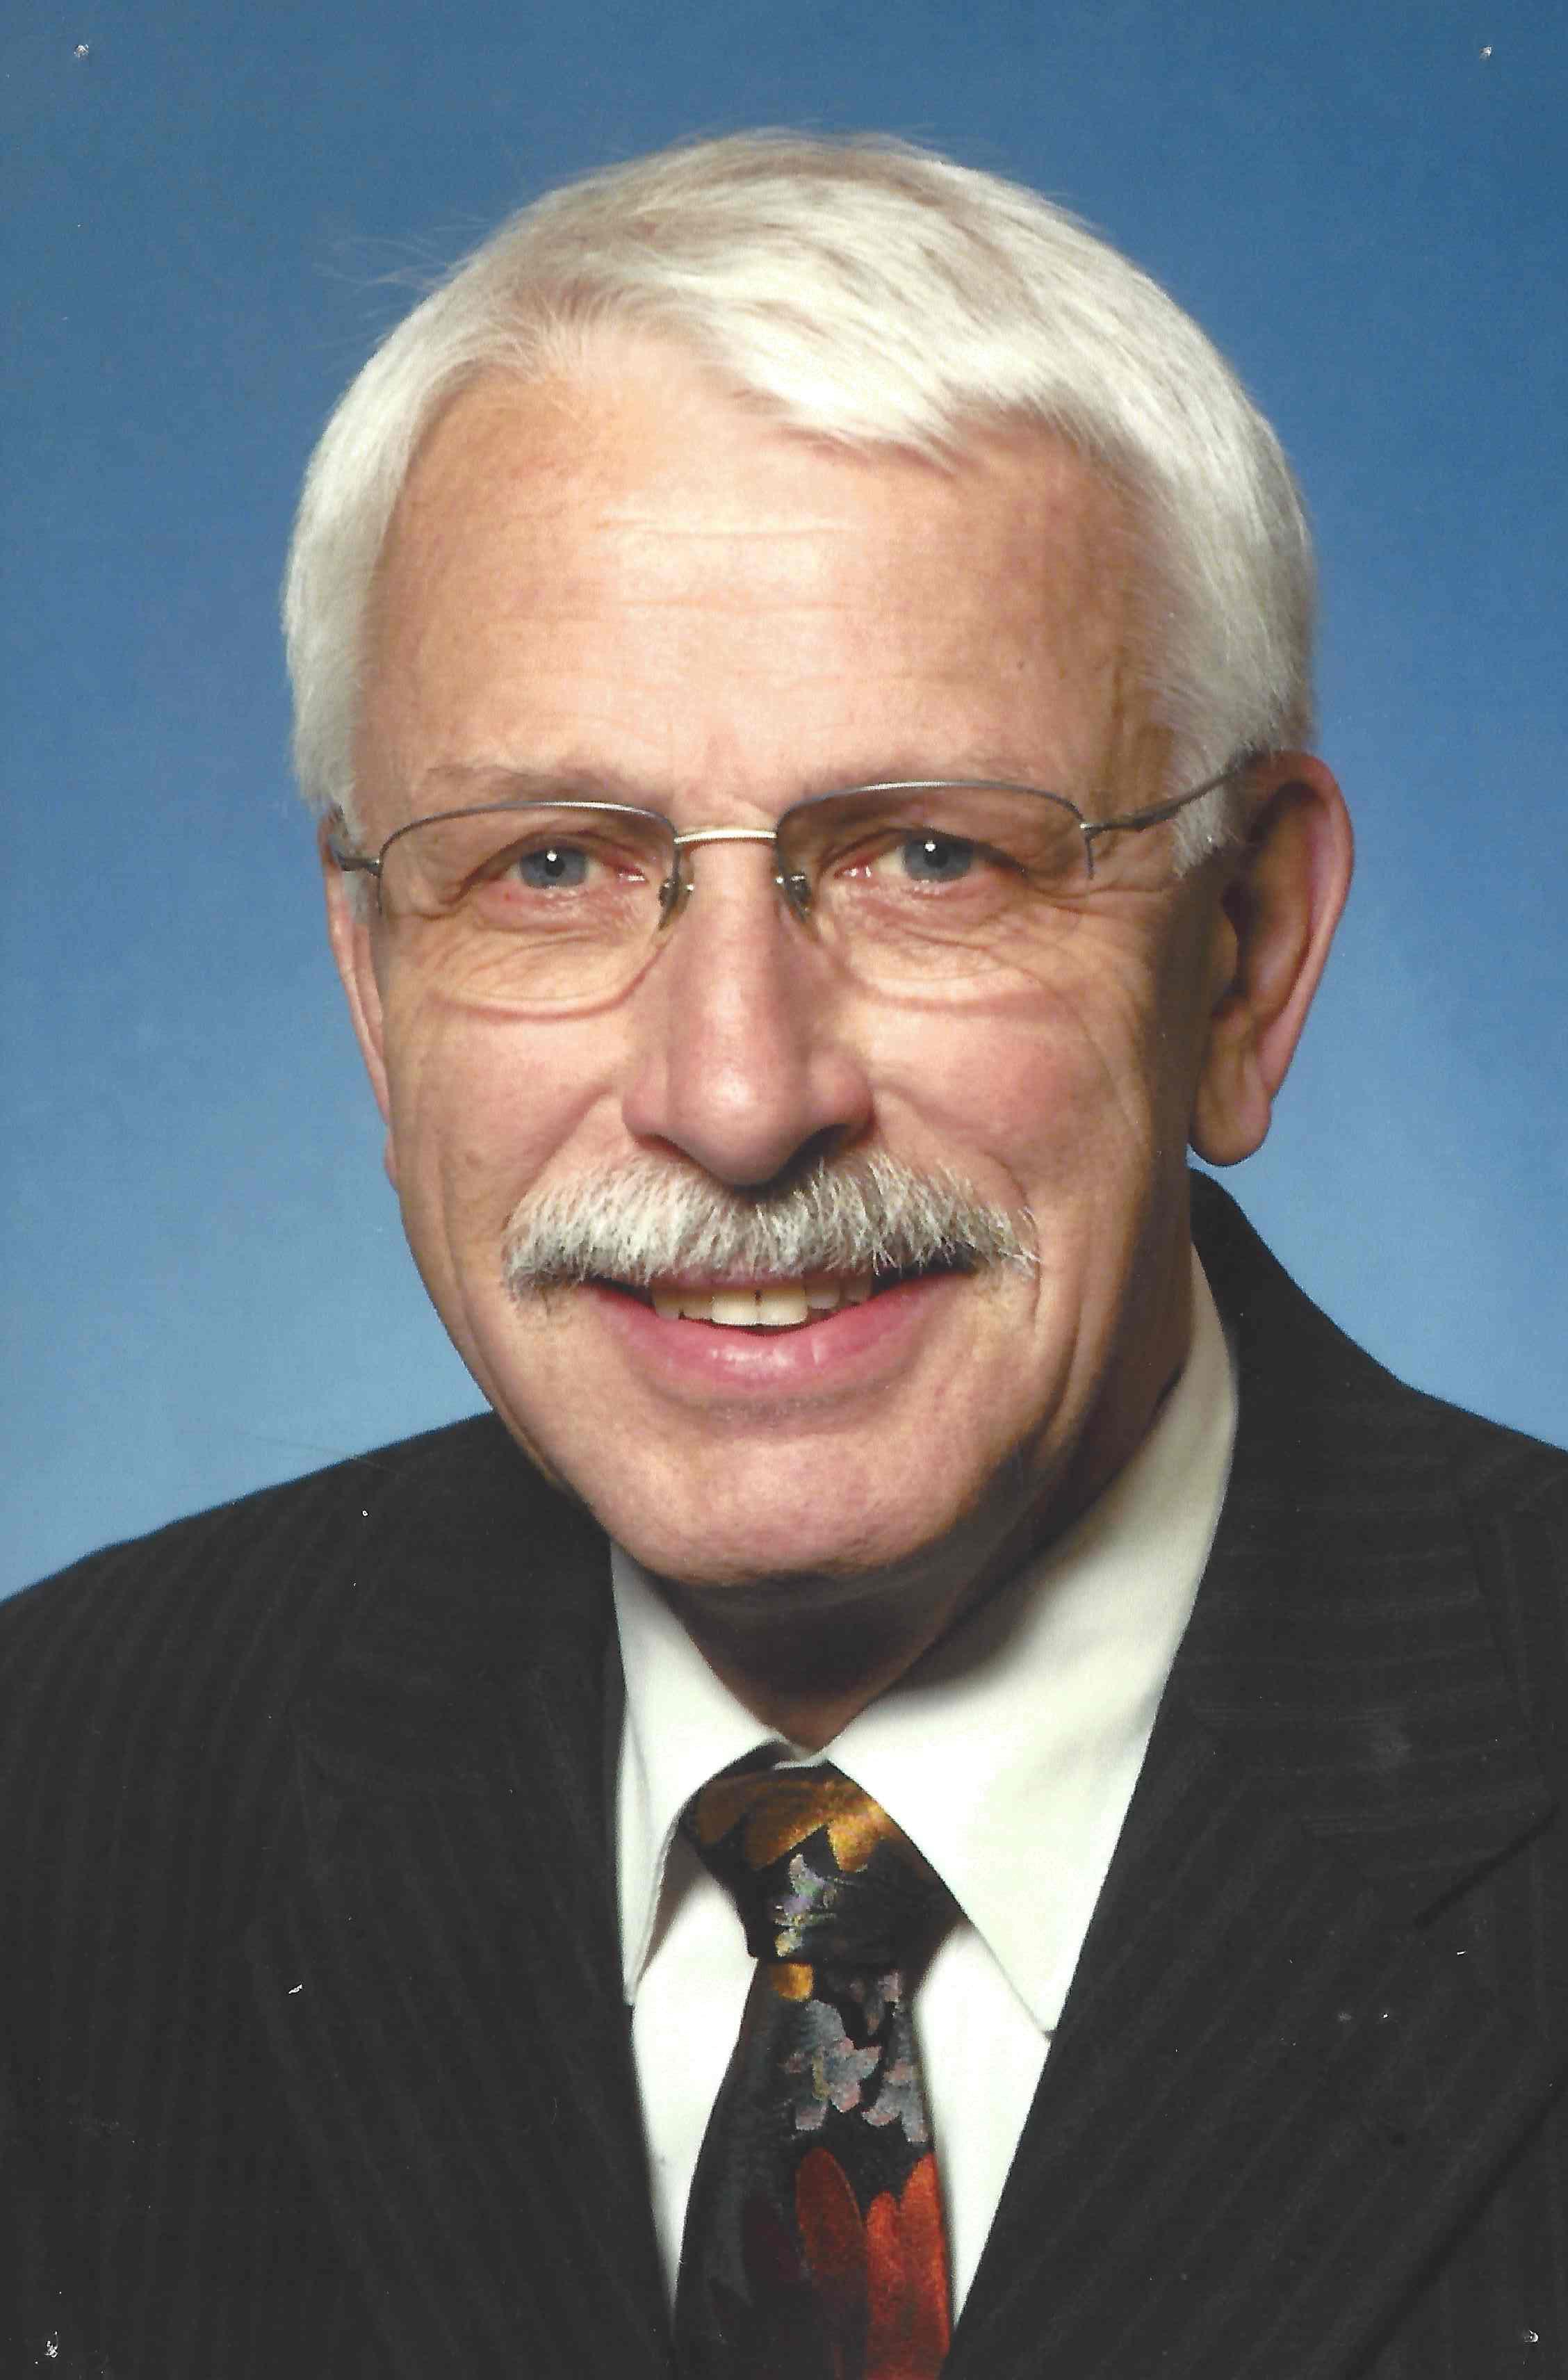 Ewald Stumpf